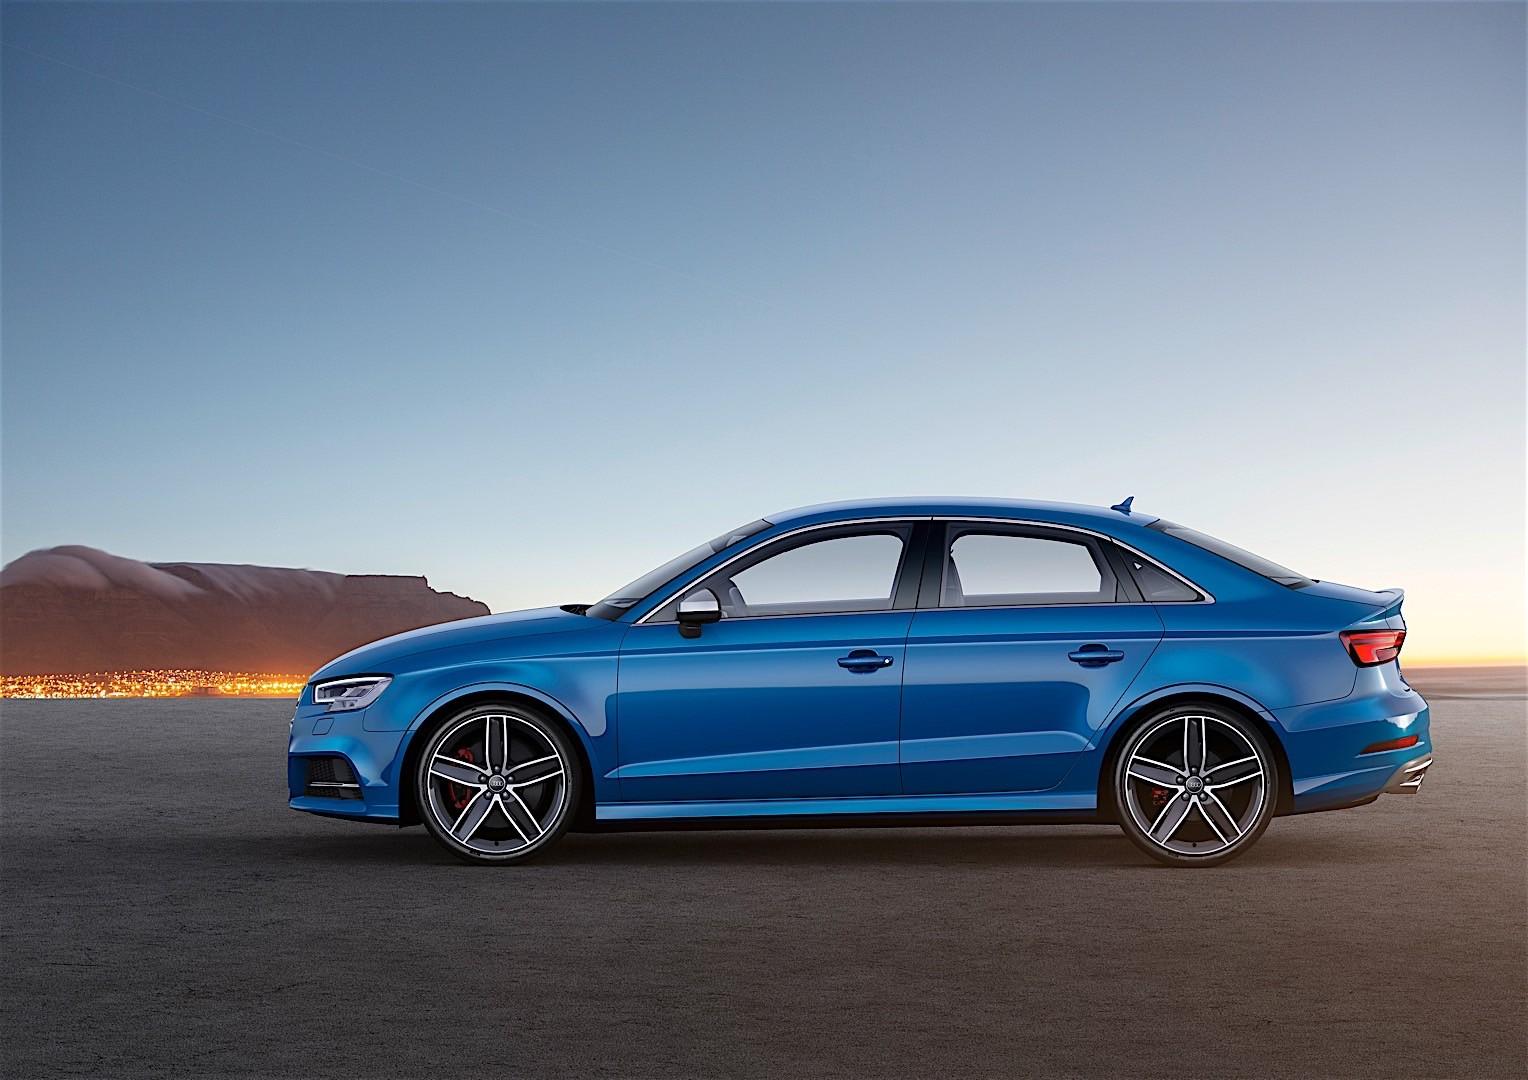 Audi Rs3 Sedan >> AUDI S3 Sedan specs - 2016, 2017, 2018 - autoevolution